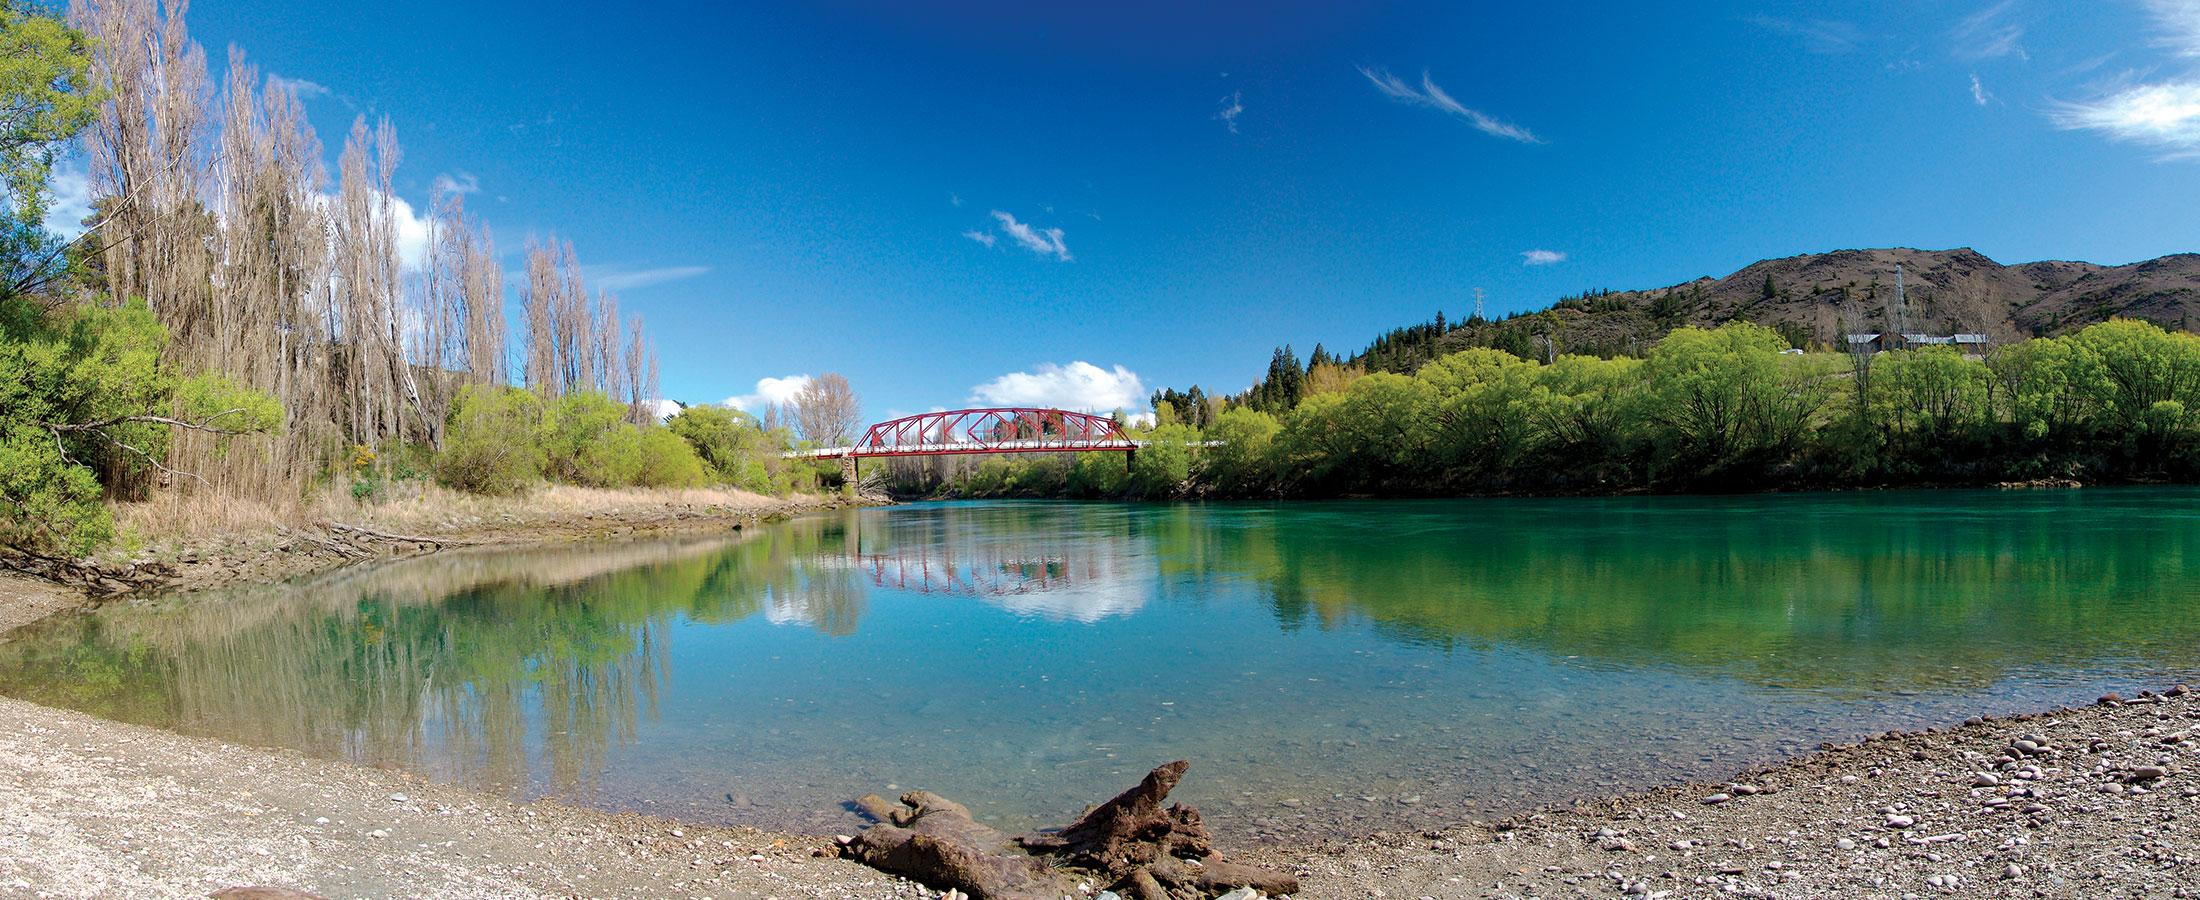 Clyde Bridge